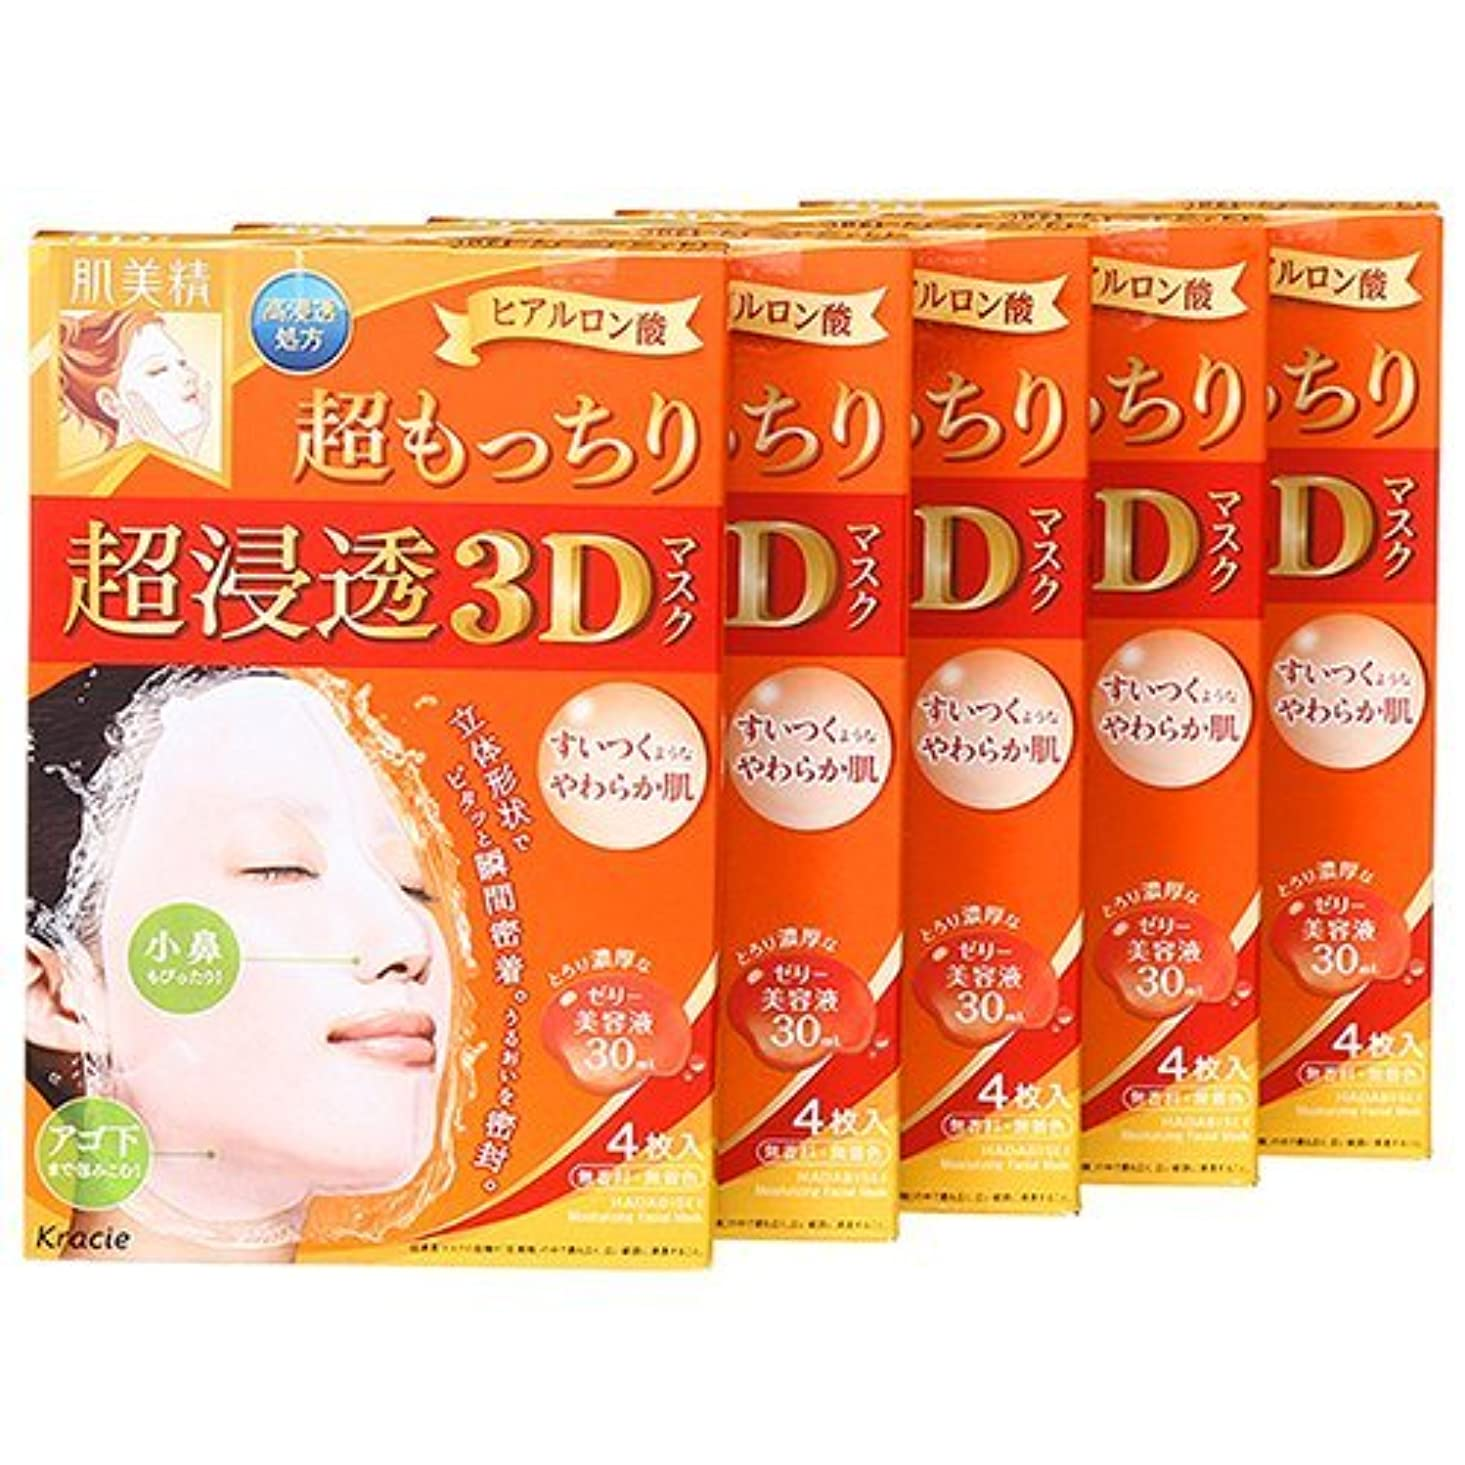 デクリメント矛盾する認証クラシエホームプロダクツ 肌美精 超浸透3Dマスク 超もっちり 4枚入 (美容液30mL/1枚) 5点セット [並行輸入品]